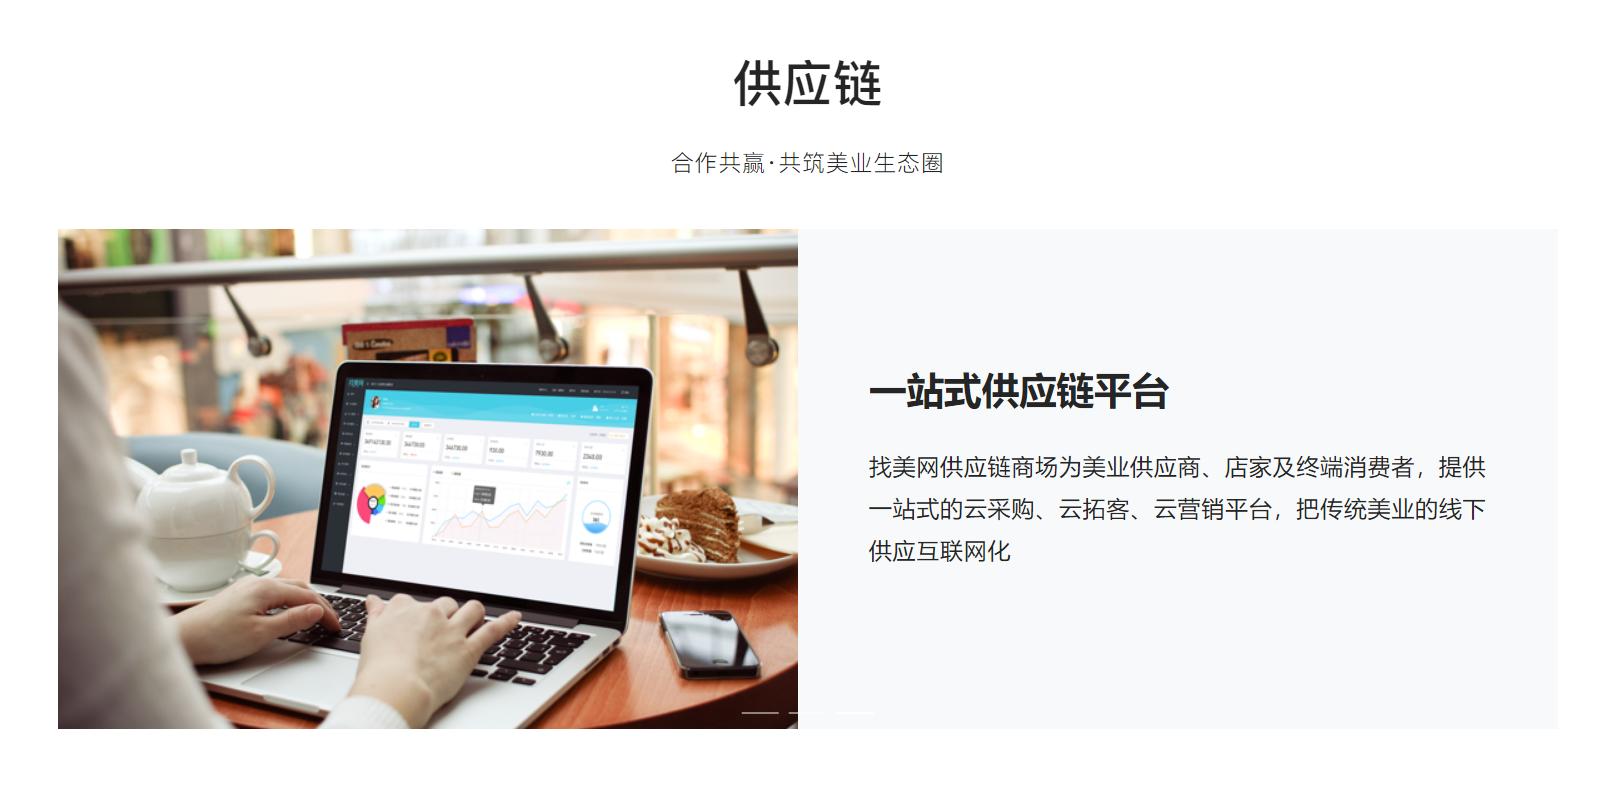 深圳SaaS系统企业 广州市找美网科技供应